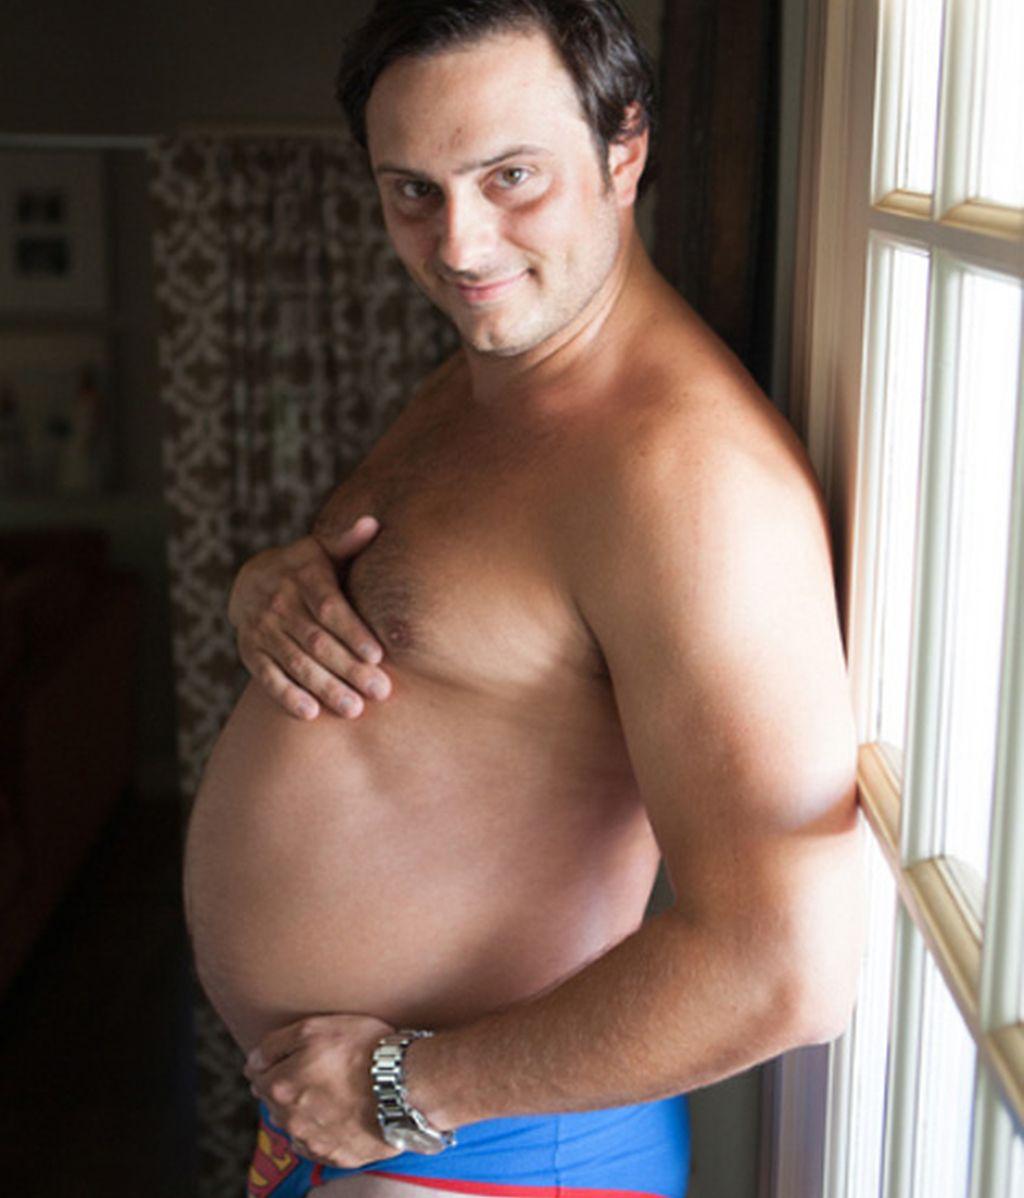 Se hizo las típicas fotografías de embarazada que su novia no quiso